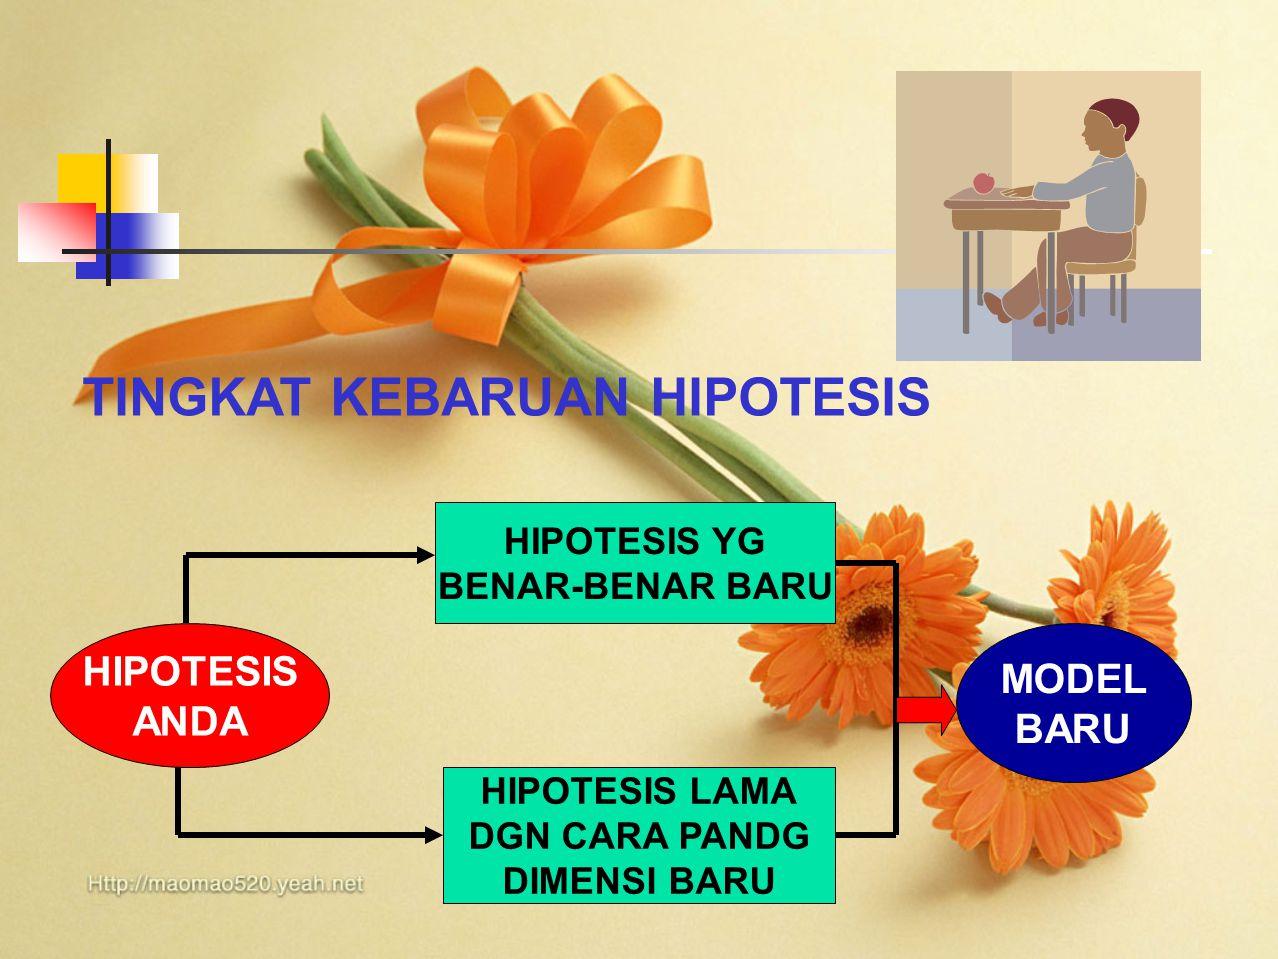 TINGKAT KEBARUAN HIPOTESIS HIPOTESIS ANDA MODEL BARU HIPOTESIS YG BENAR-BENAR BARU HIPOTESIS LAMA DGN CARA PANDG DIMENSI BARU